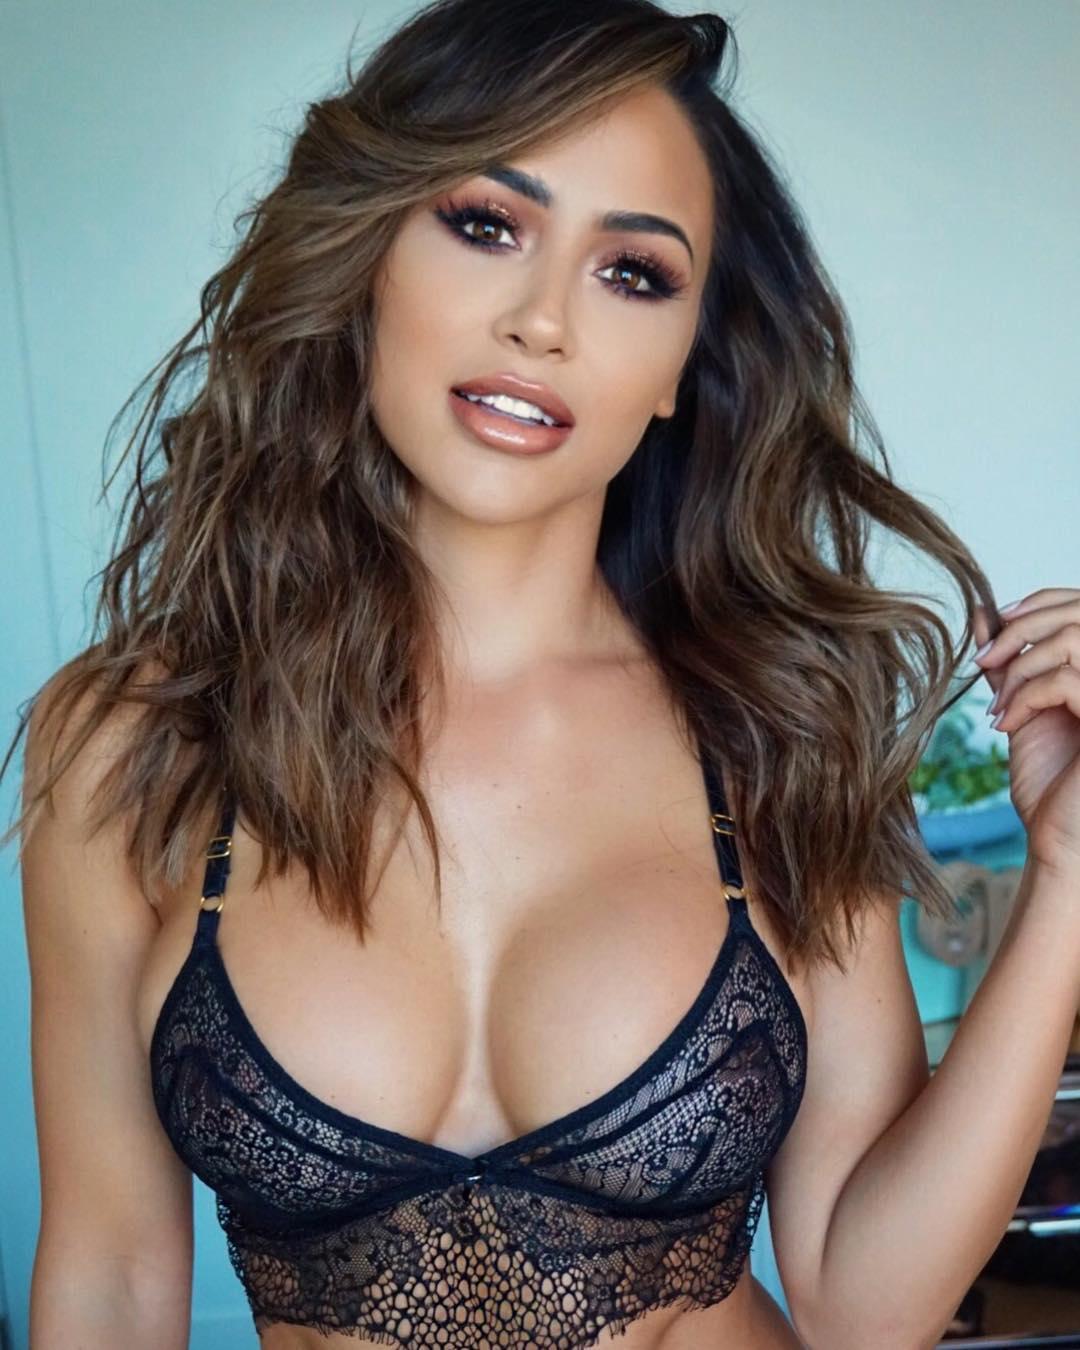 american porn girls in bikini